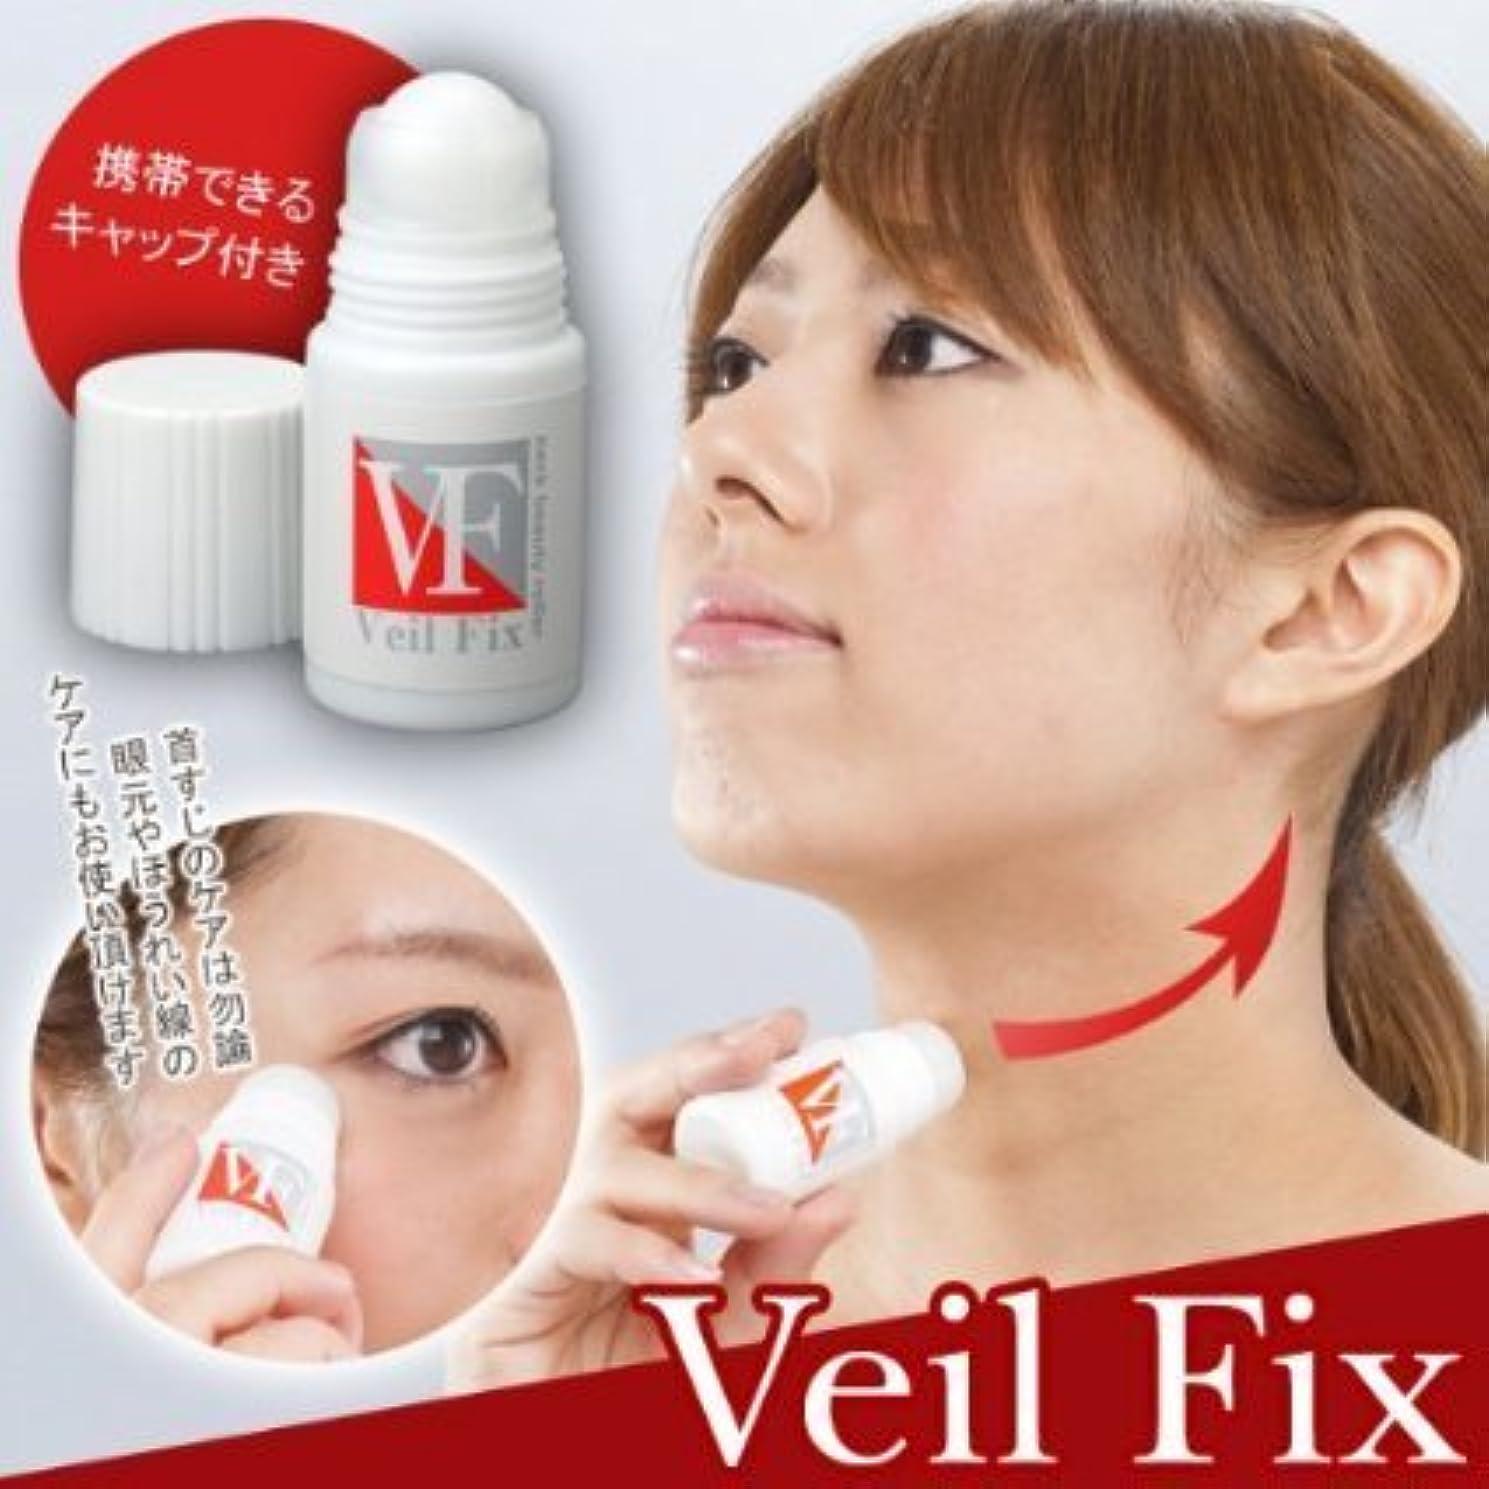 人形ボウル絶妙Veil Fix neck beauty roller(ヴェイル フィックス ネックビューティーローラー)VFエッセンス 20ml